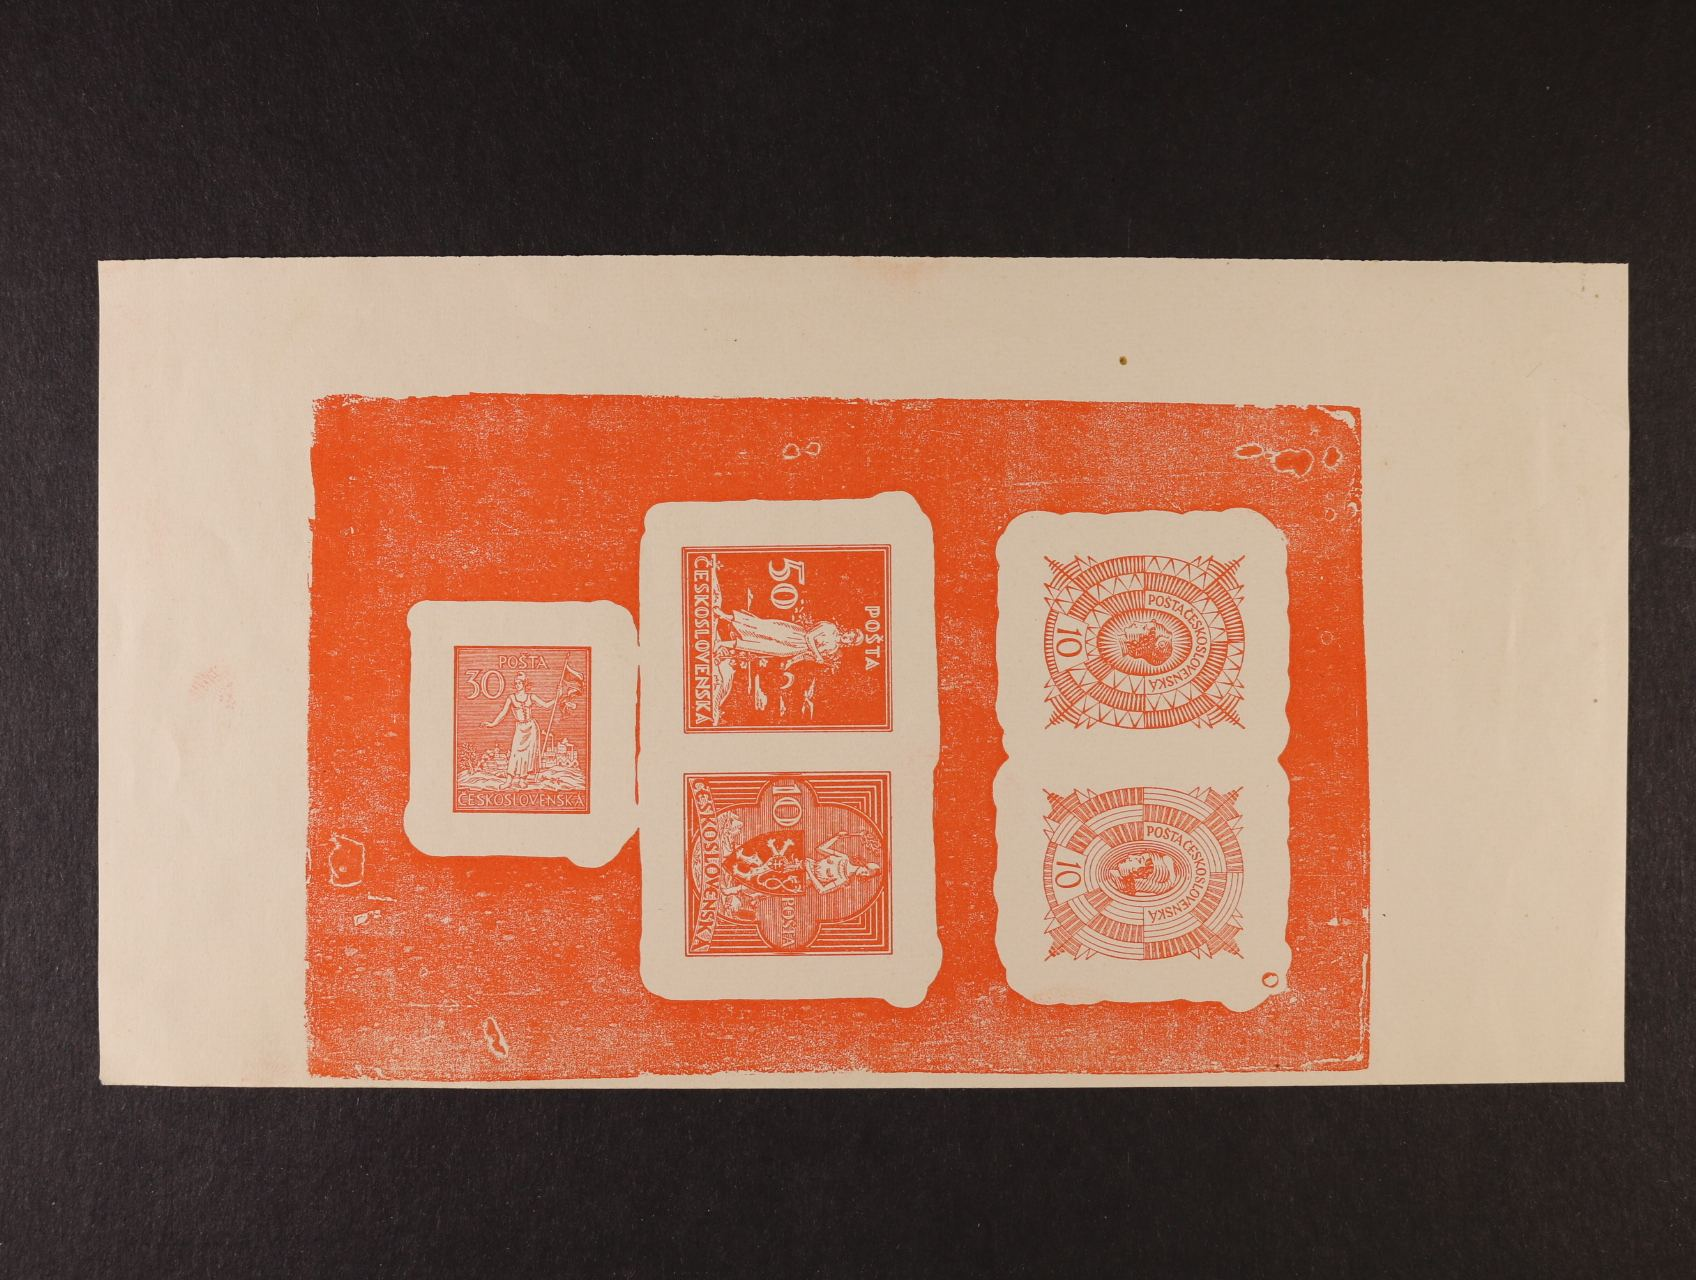 sestava 5ti nepřijatých návrhů zn. v soutisku v červené barvě na kousku papíru z nevyčištěné desky